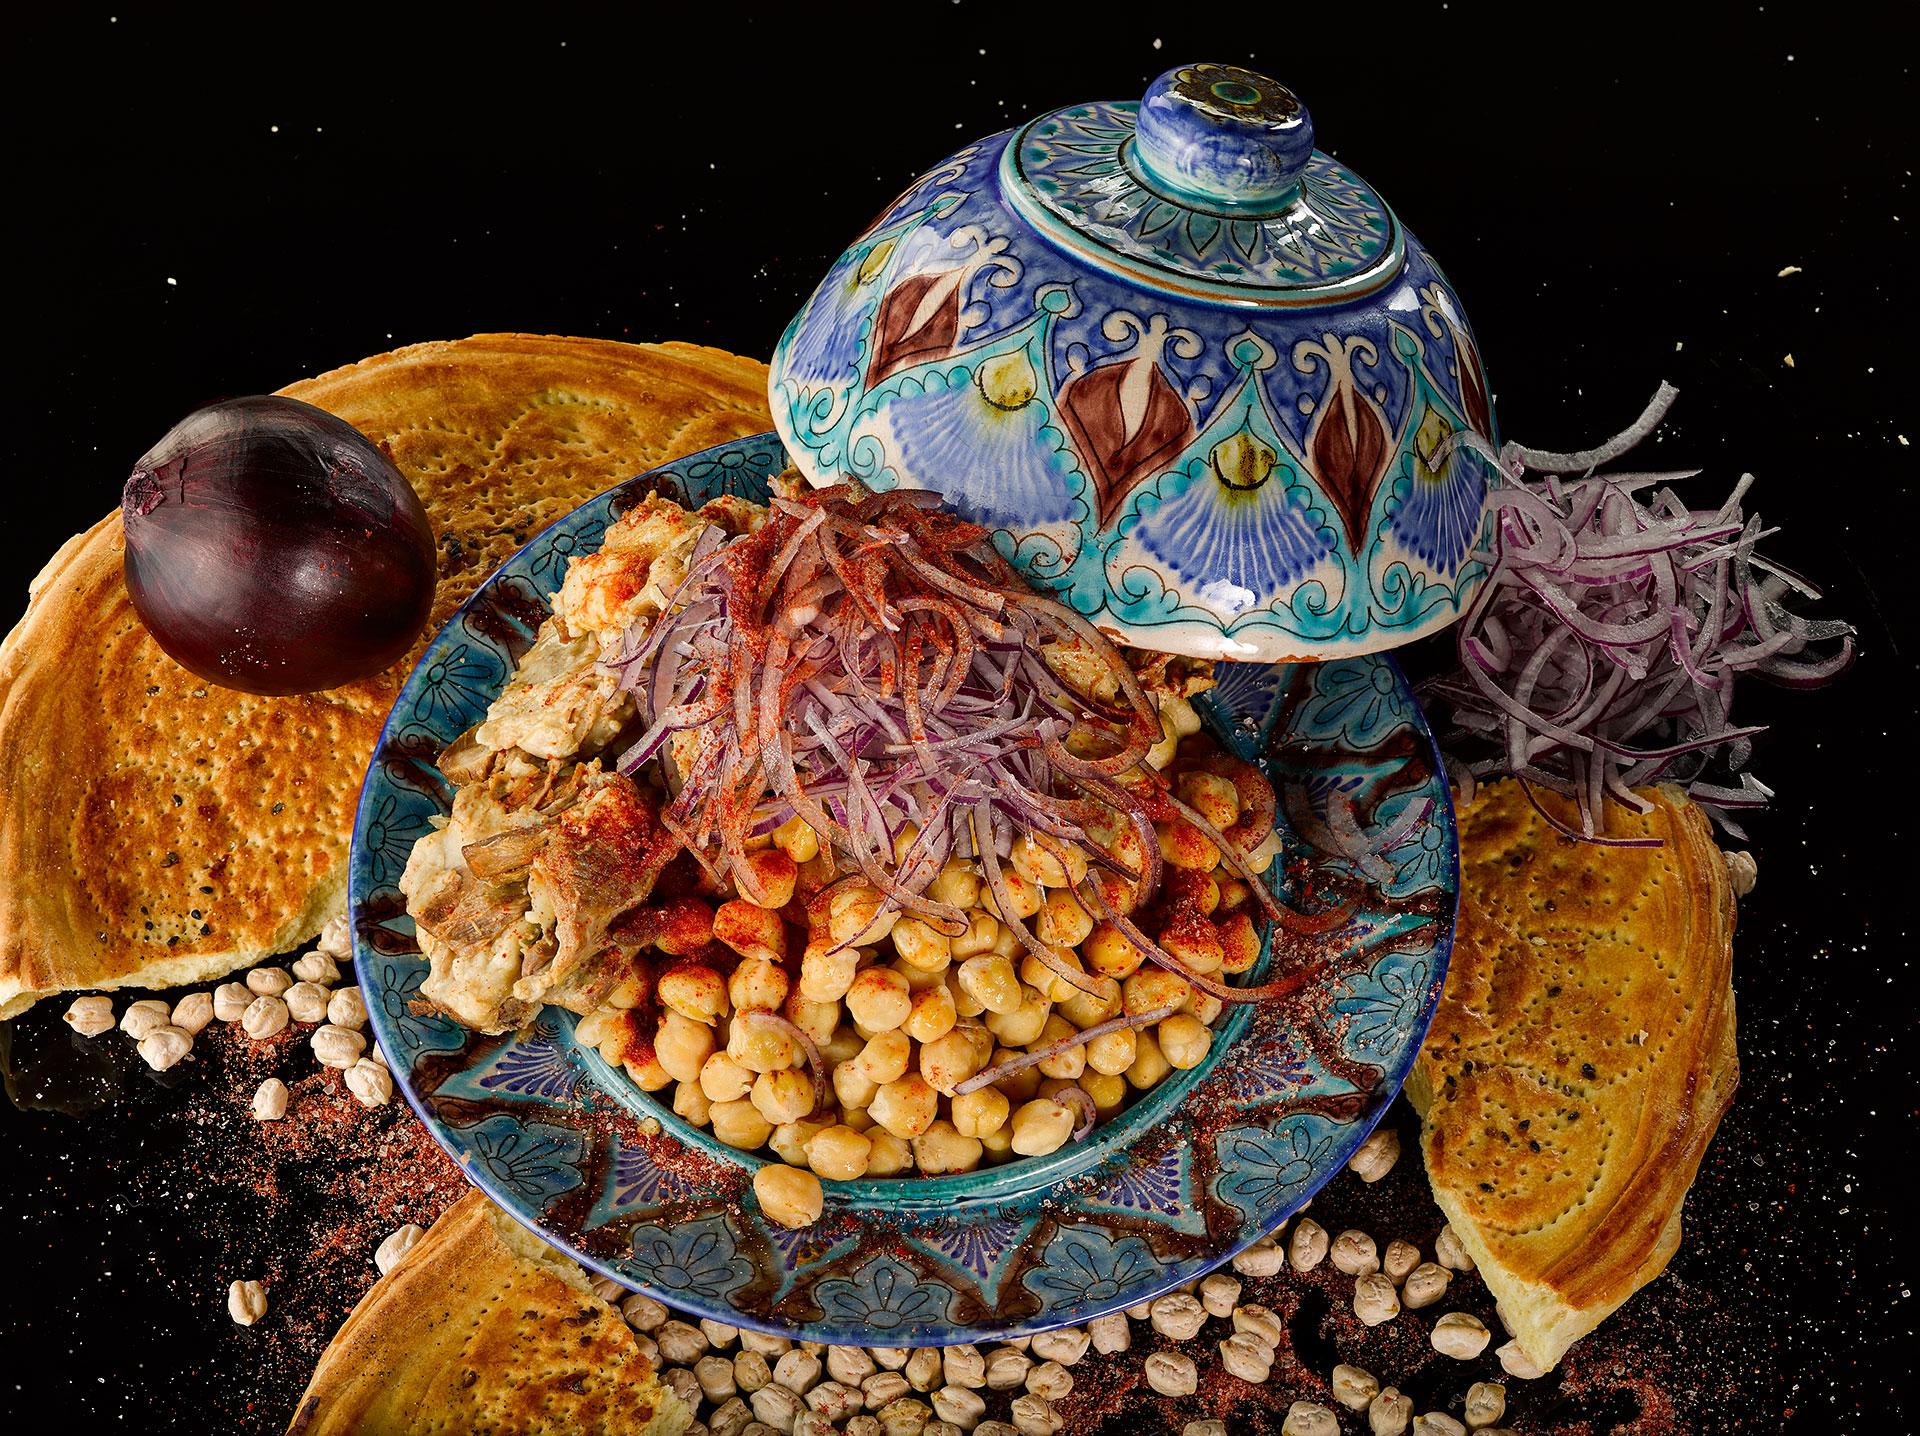 Как узбекский Нохат-шурак превратился в Хумус